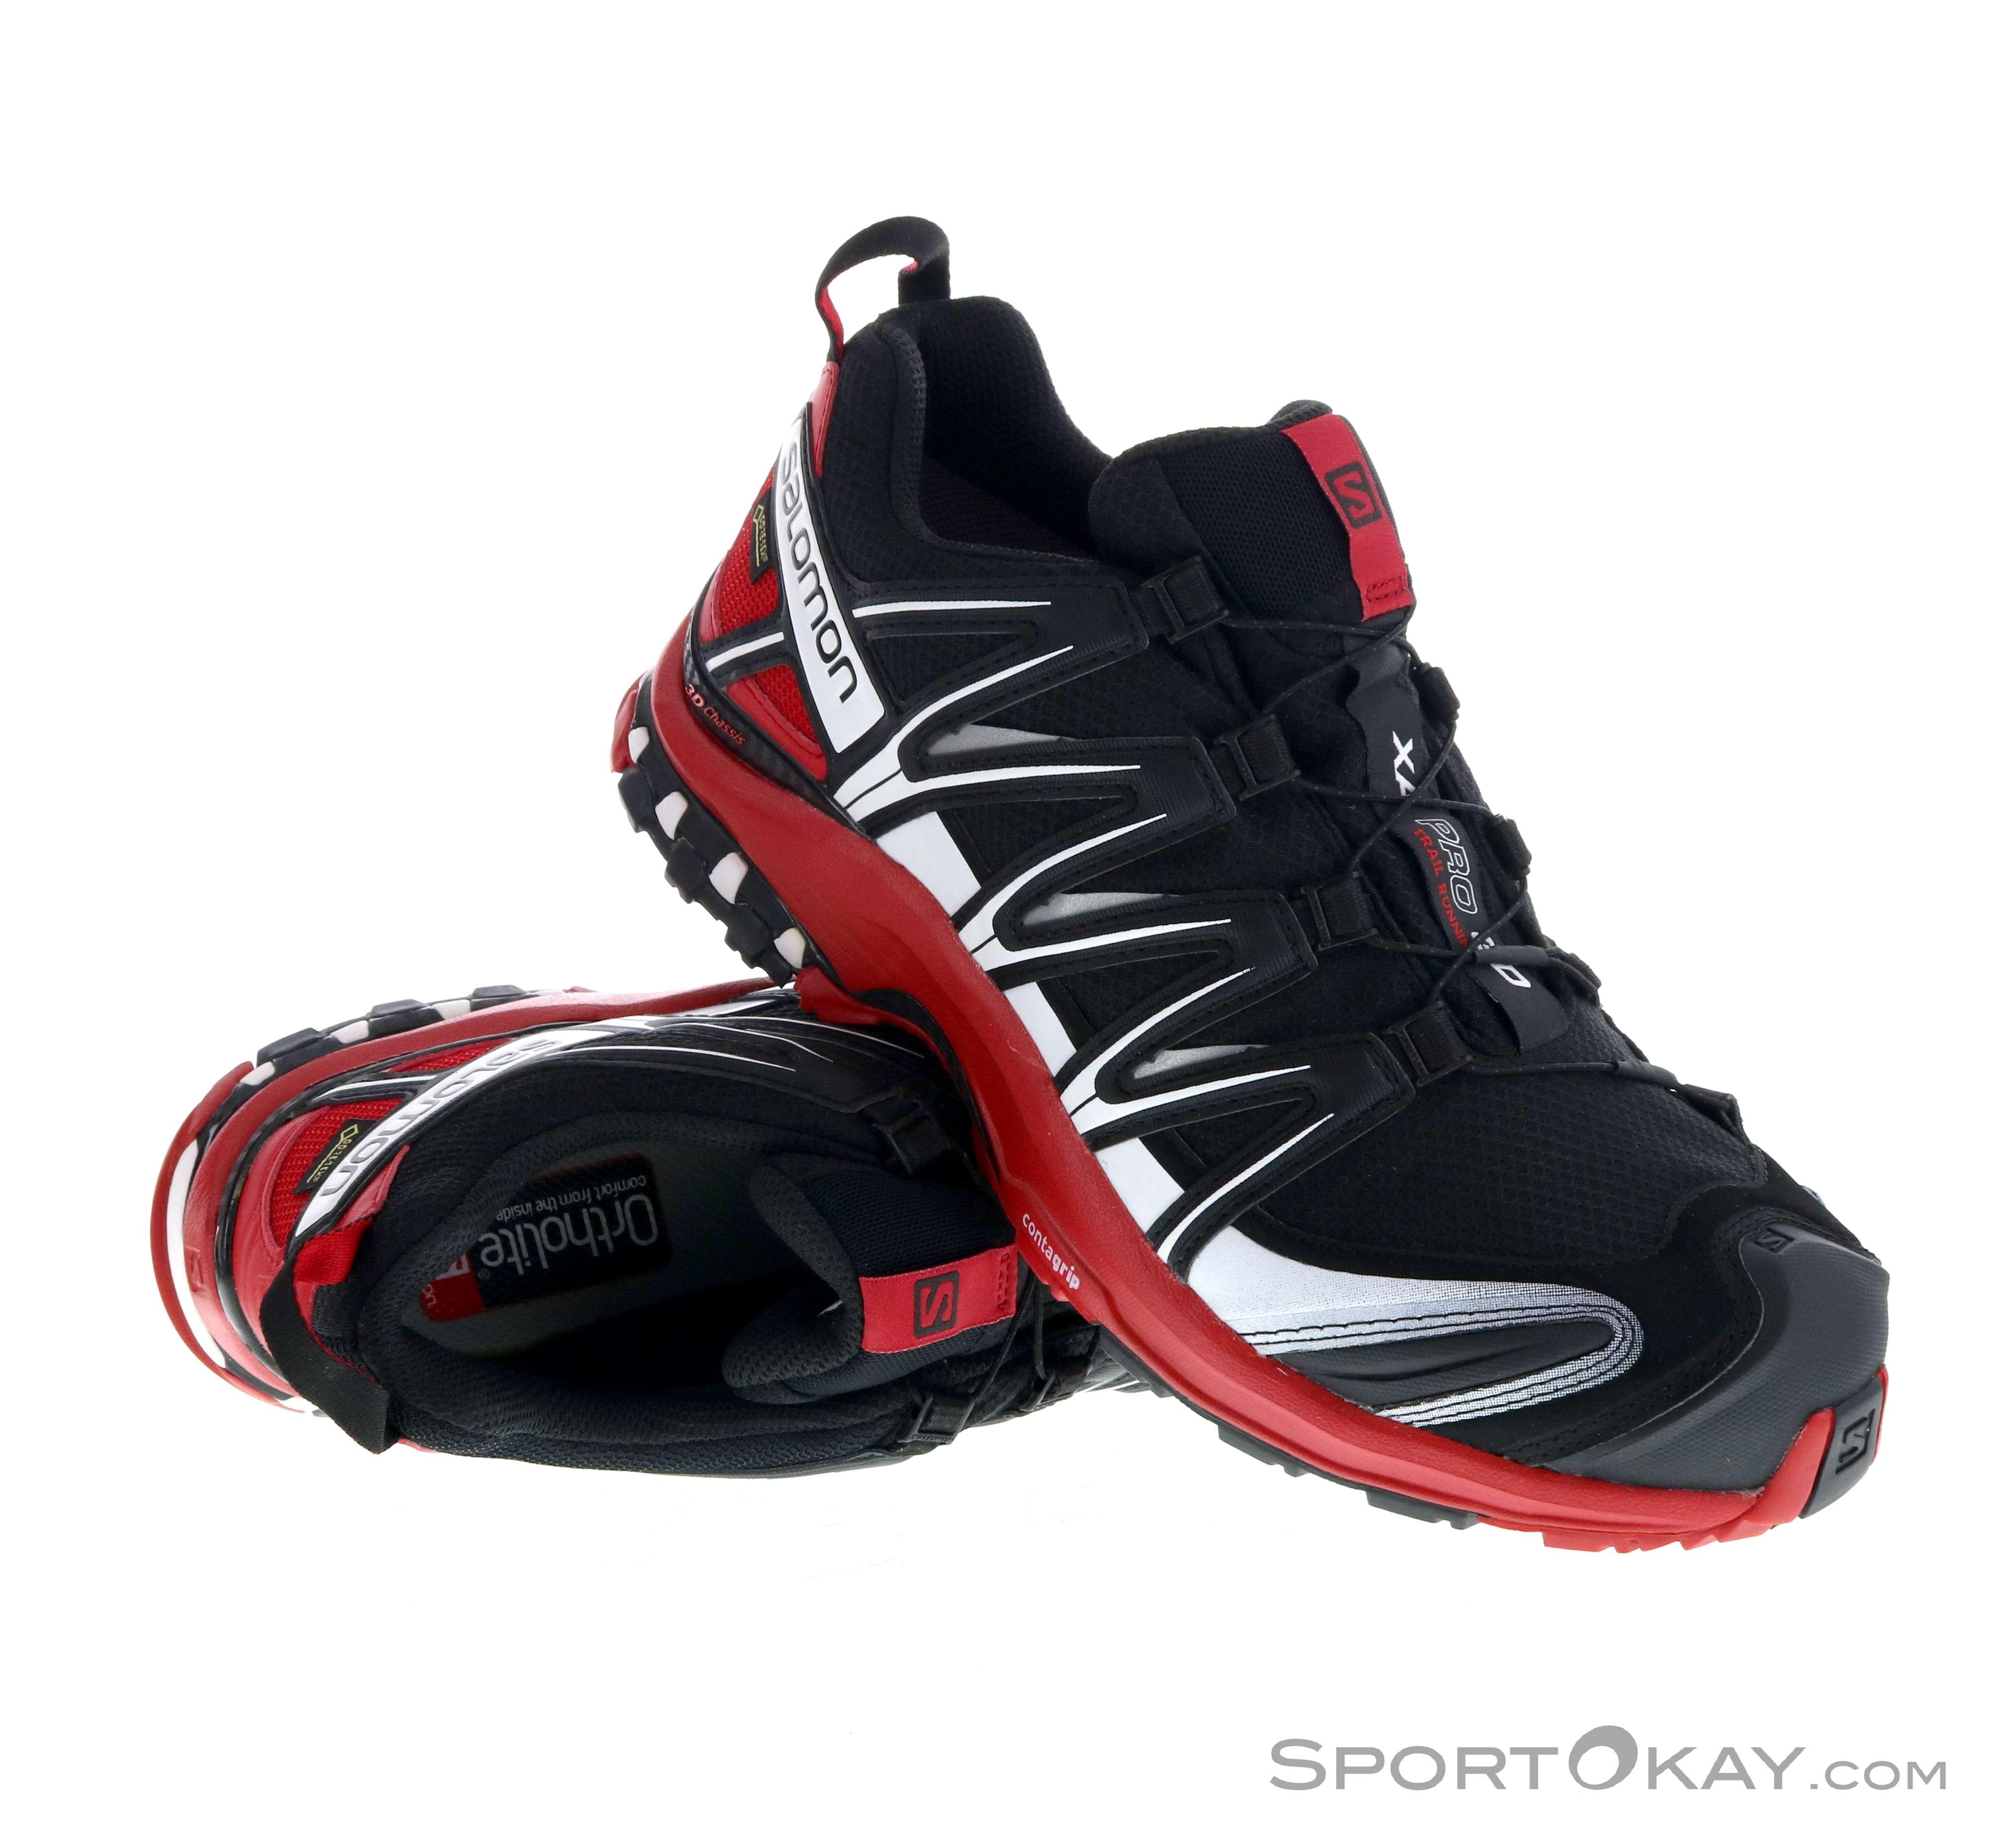 e708e93eab4 Salomon XA Pro 3D GTX Mens Trail Running Shoes Gore-Tex - Trail ...